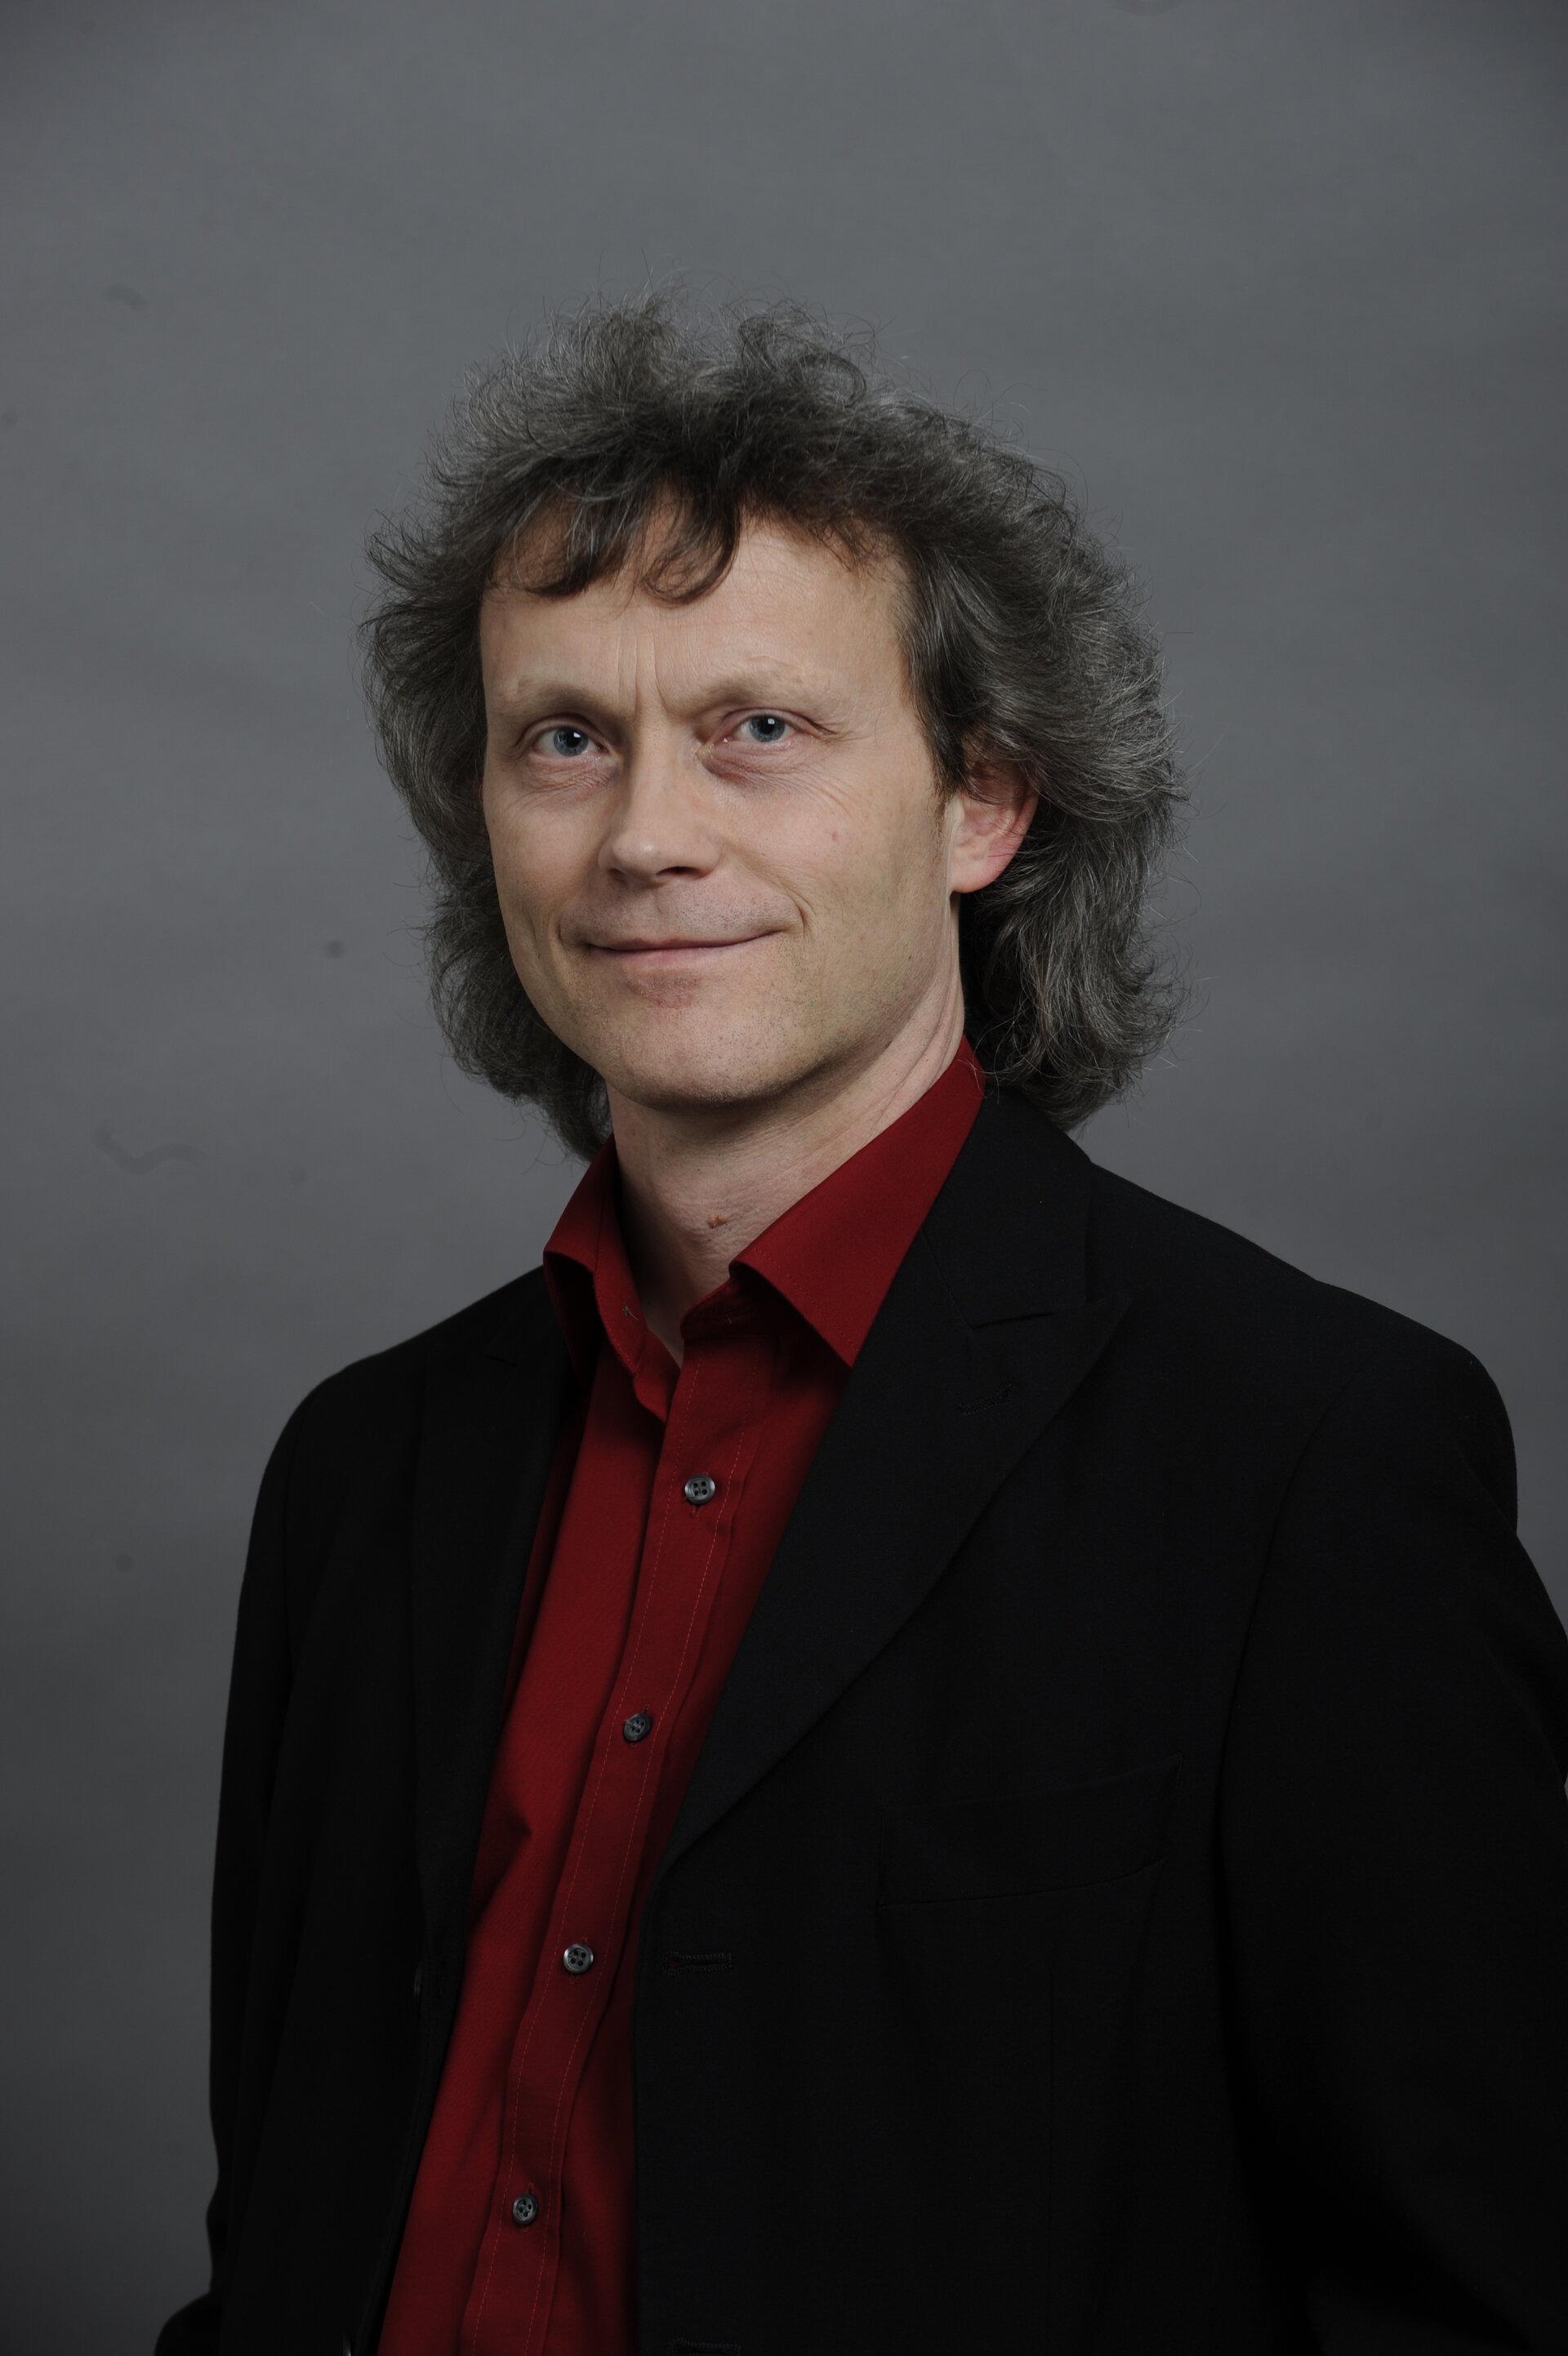 Johannes Wulff-Woesten, Foto von Matthias Creutziger